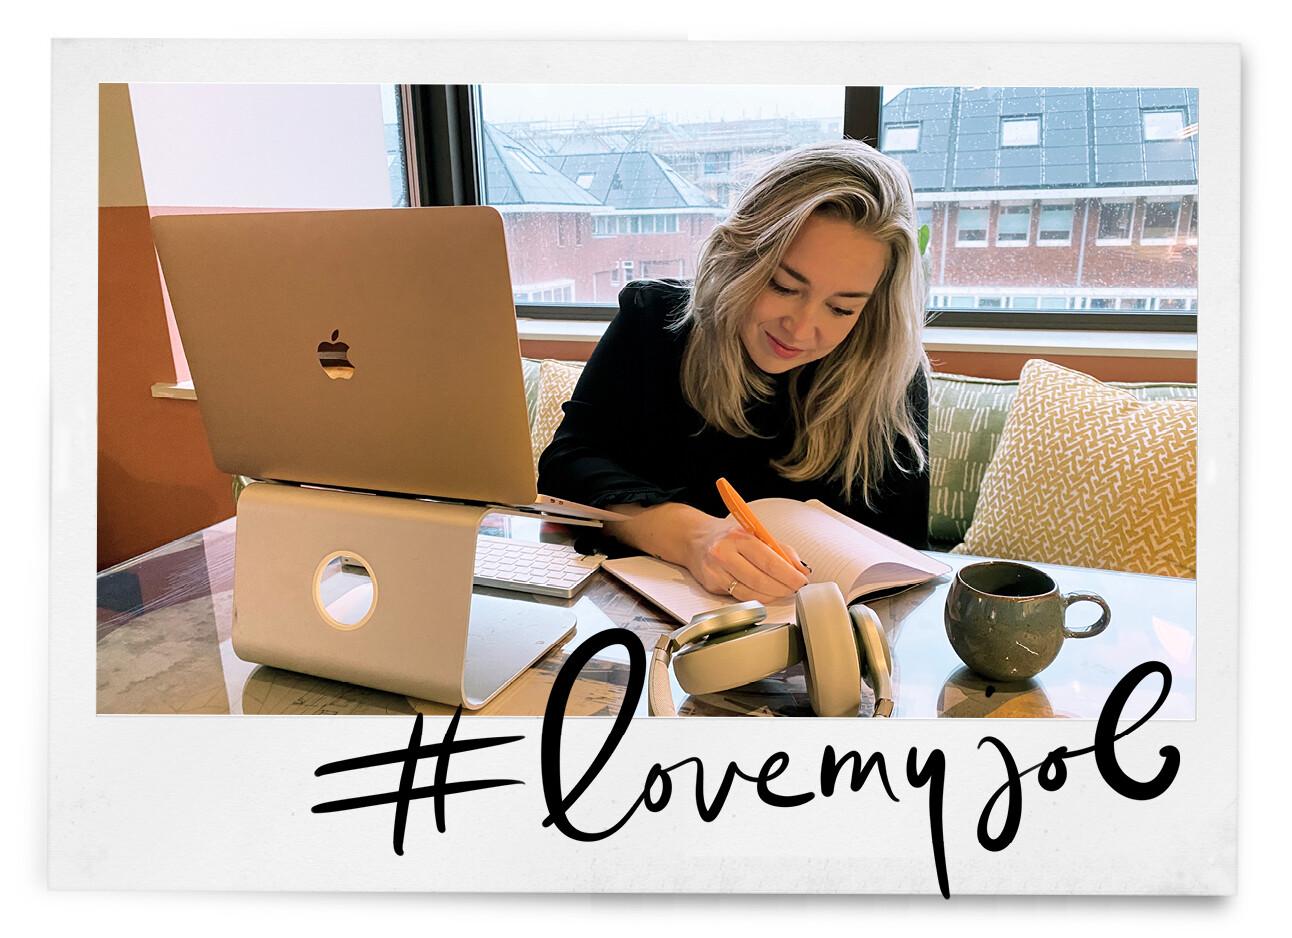 adeline schrijven achter haar laptop lijstjes